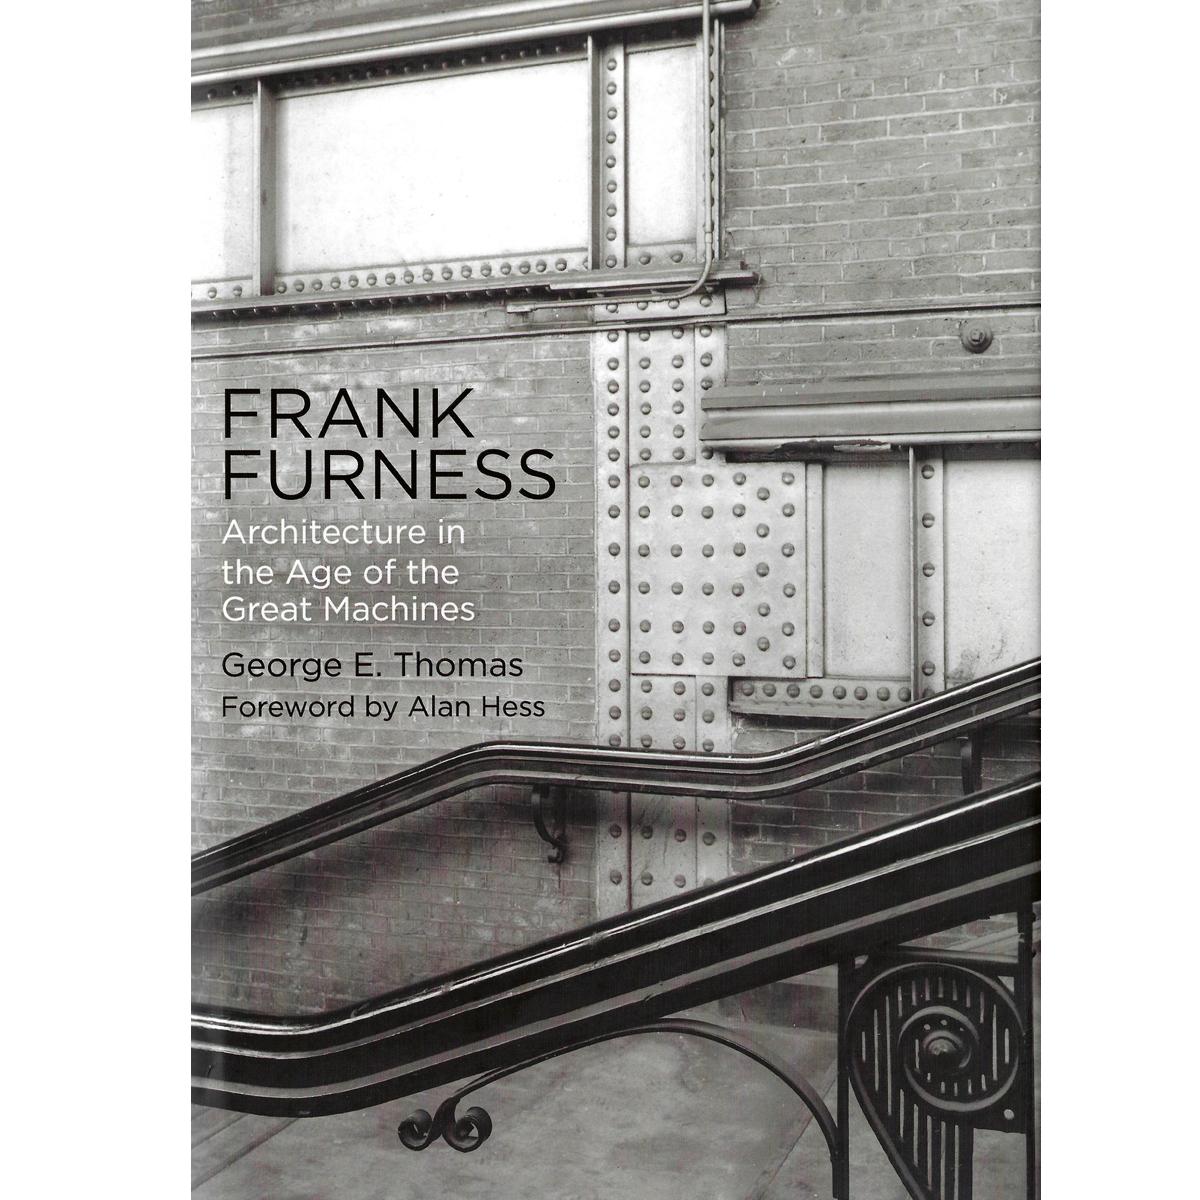 Frank Furness